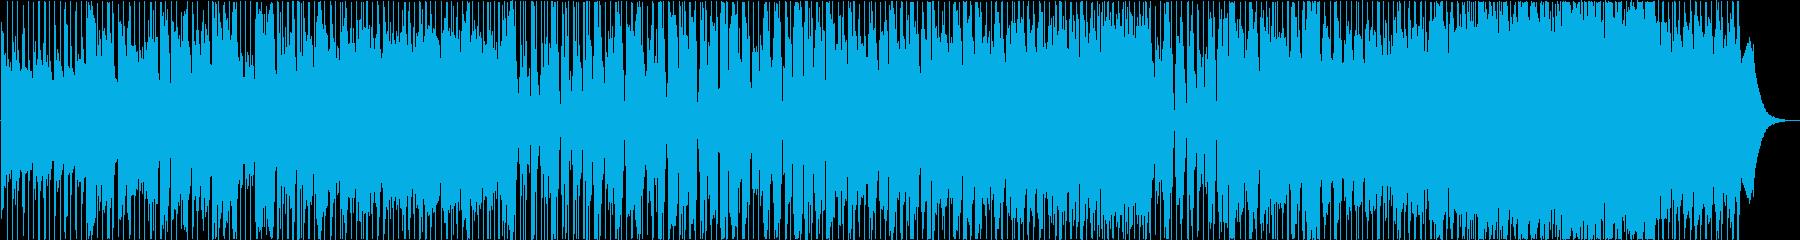 ターミナルの再生済みの波形